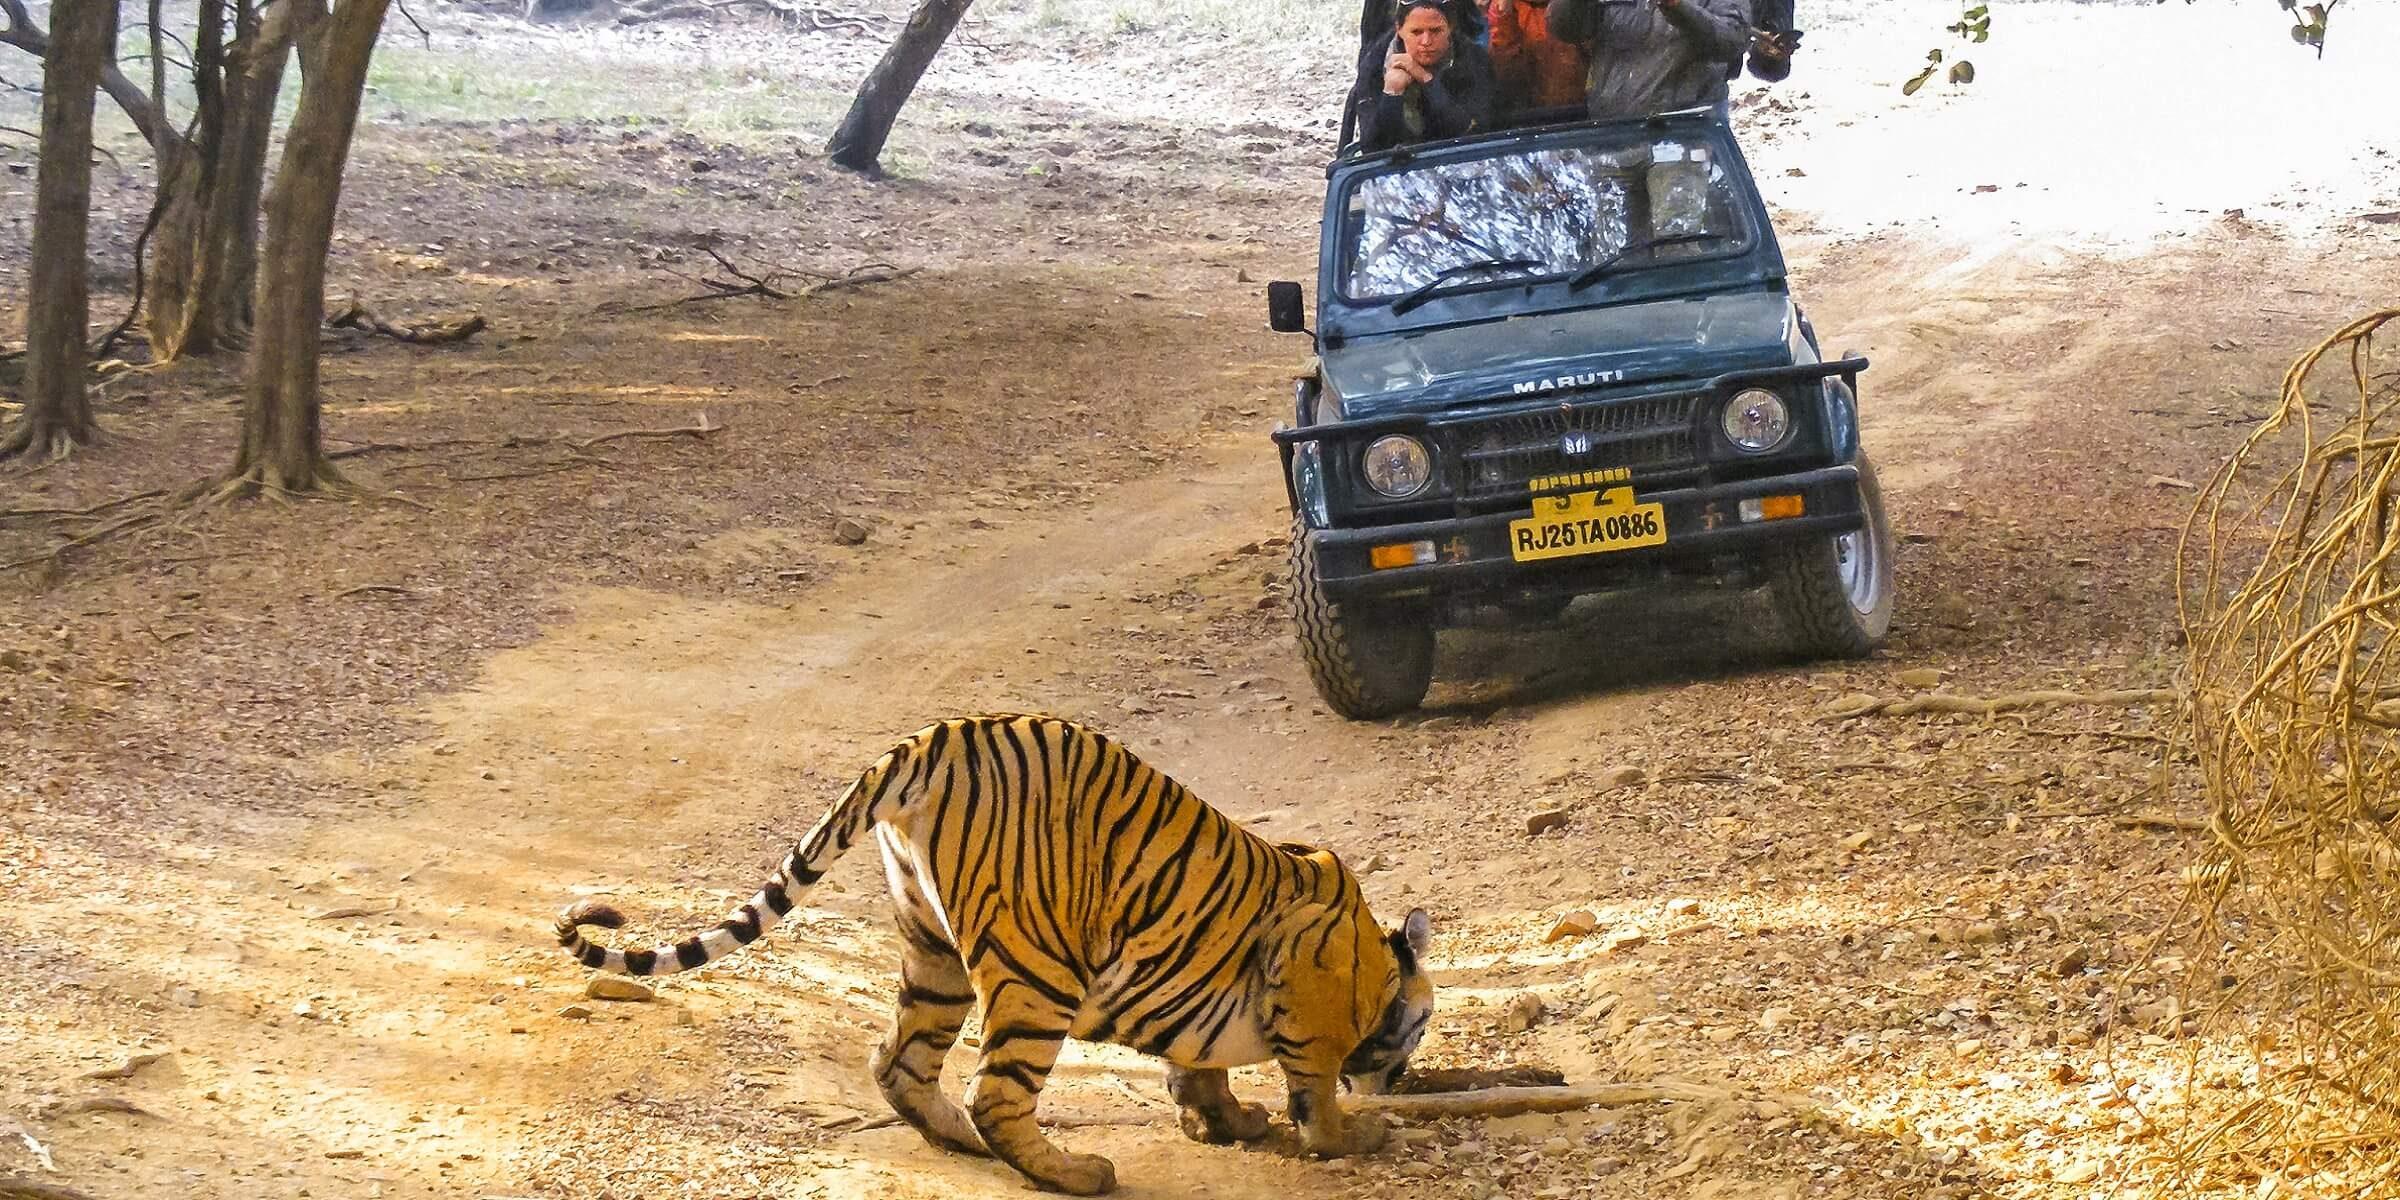 Wilde Tiere auf einer Pirschfahrt in Indien erleben